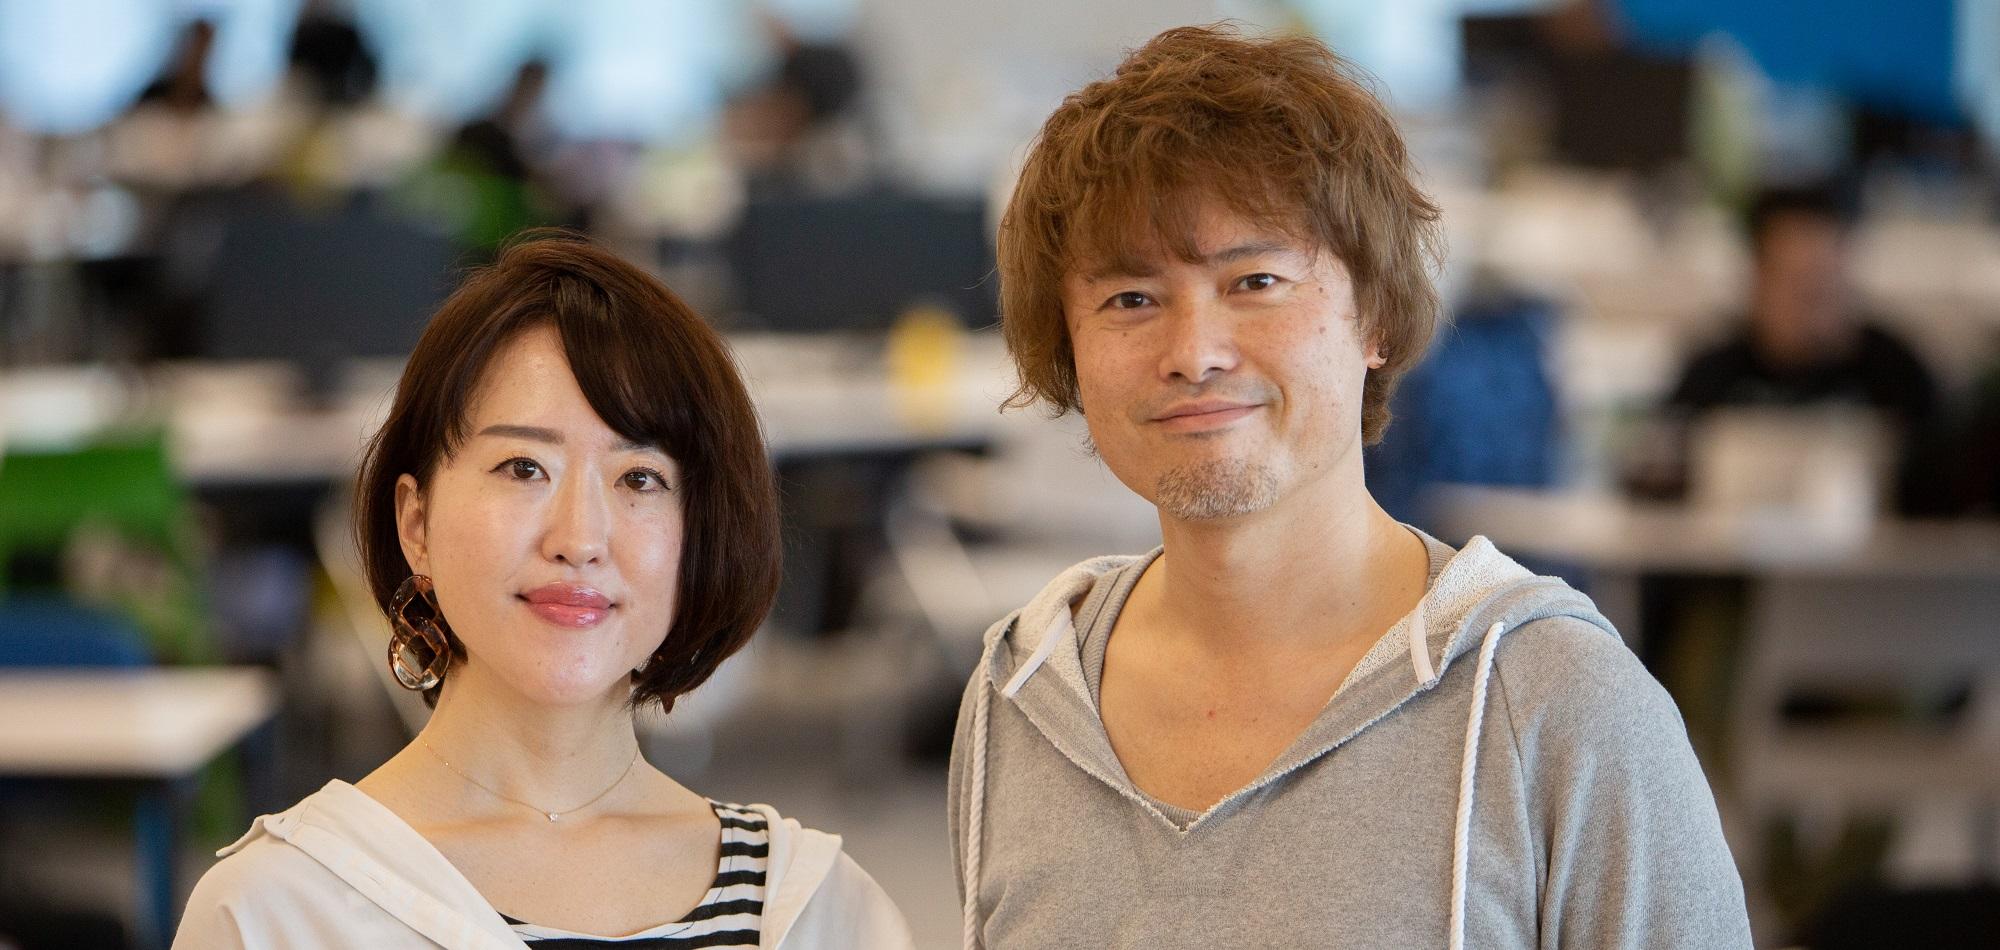 倉本と松浦の写真